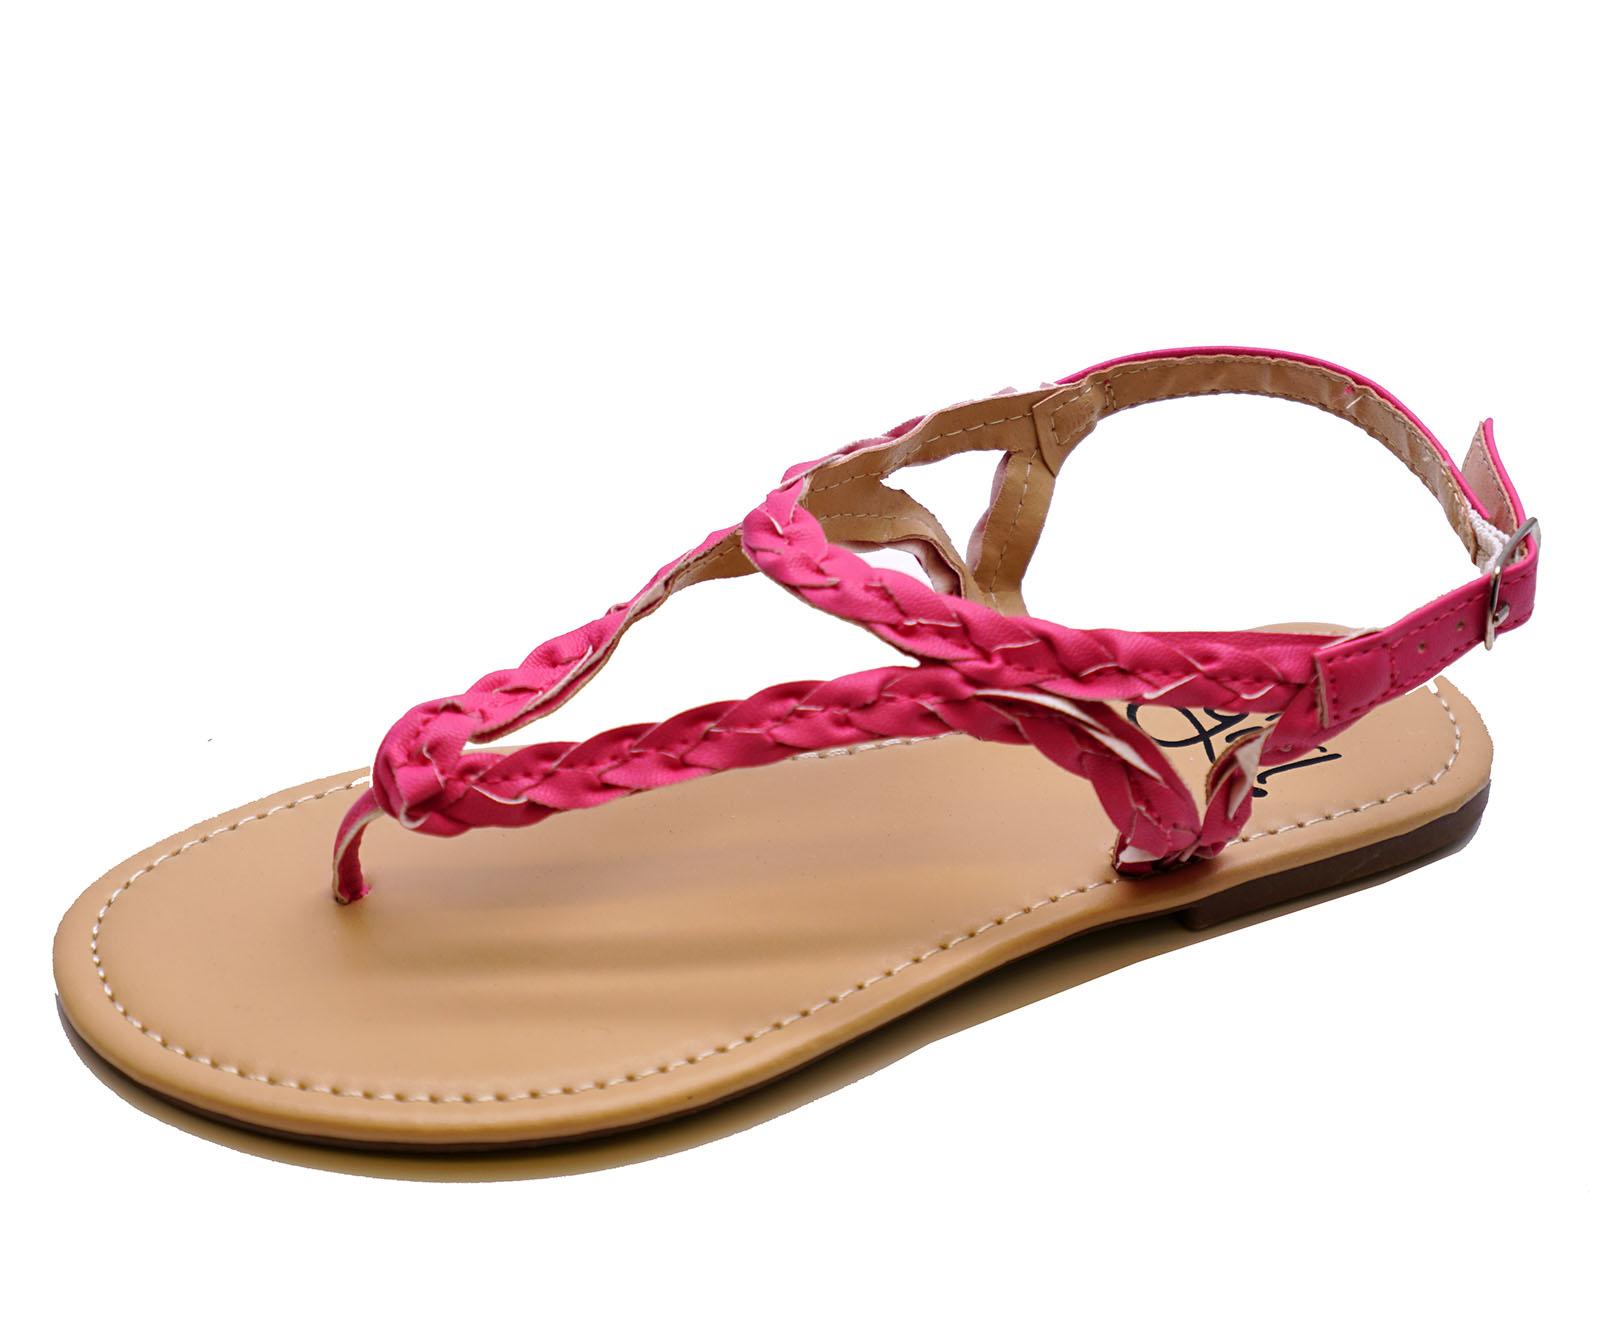 Niñas Childrens Plana Rosa Sandalias del Dedo del Pie-Post Vacaciones Verano Niños Zapatos Tallas 11-4